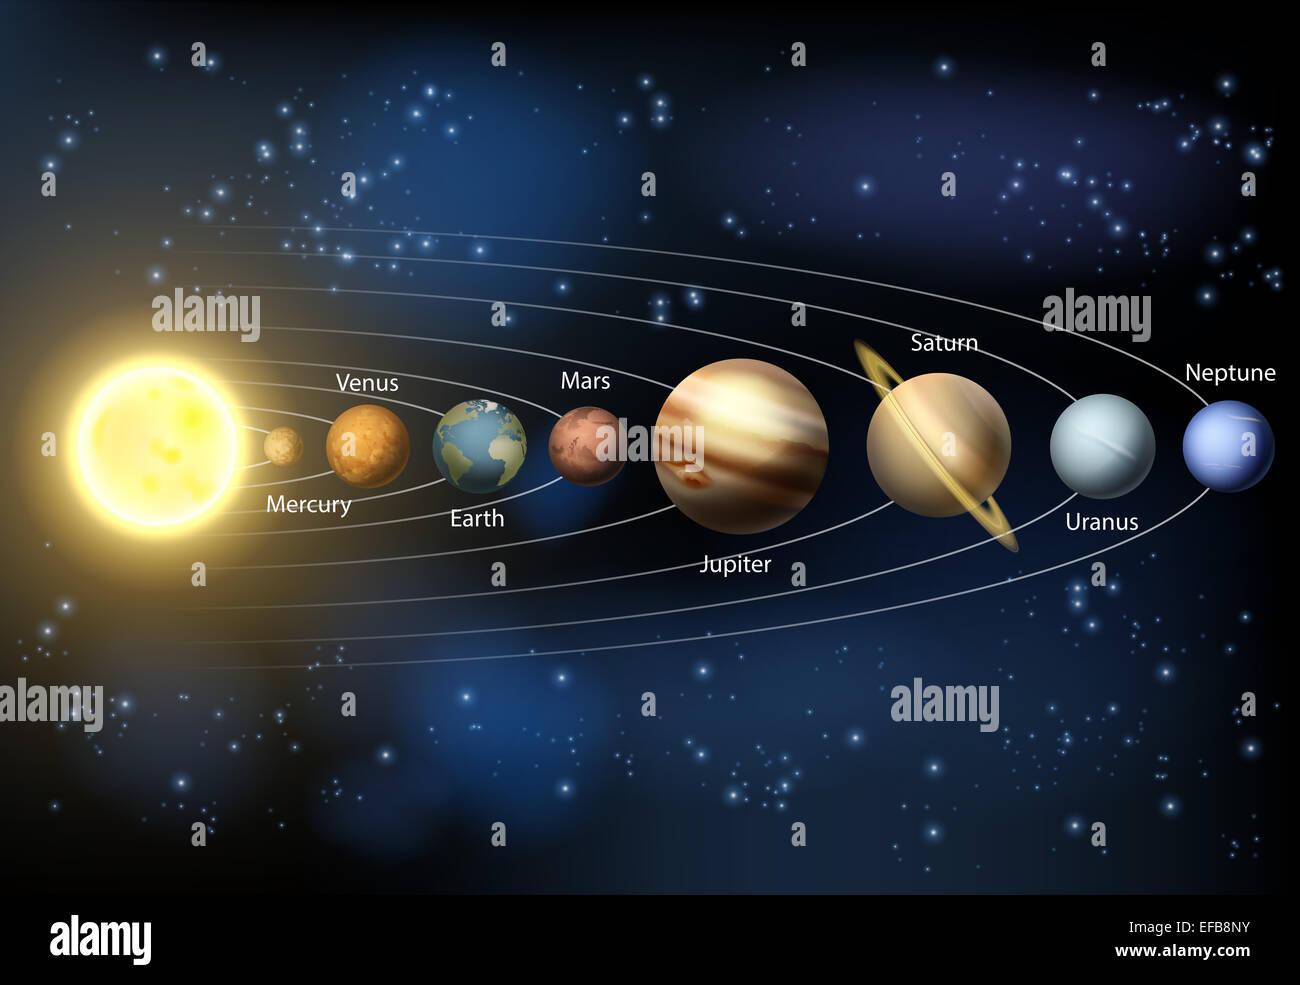 diagram of planets real 1995 honda civic dx radio wiring ein diagramm der planeten in unserem sonnensystem mit den